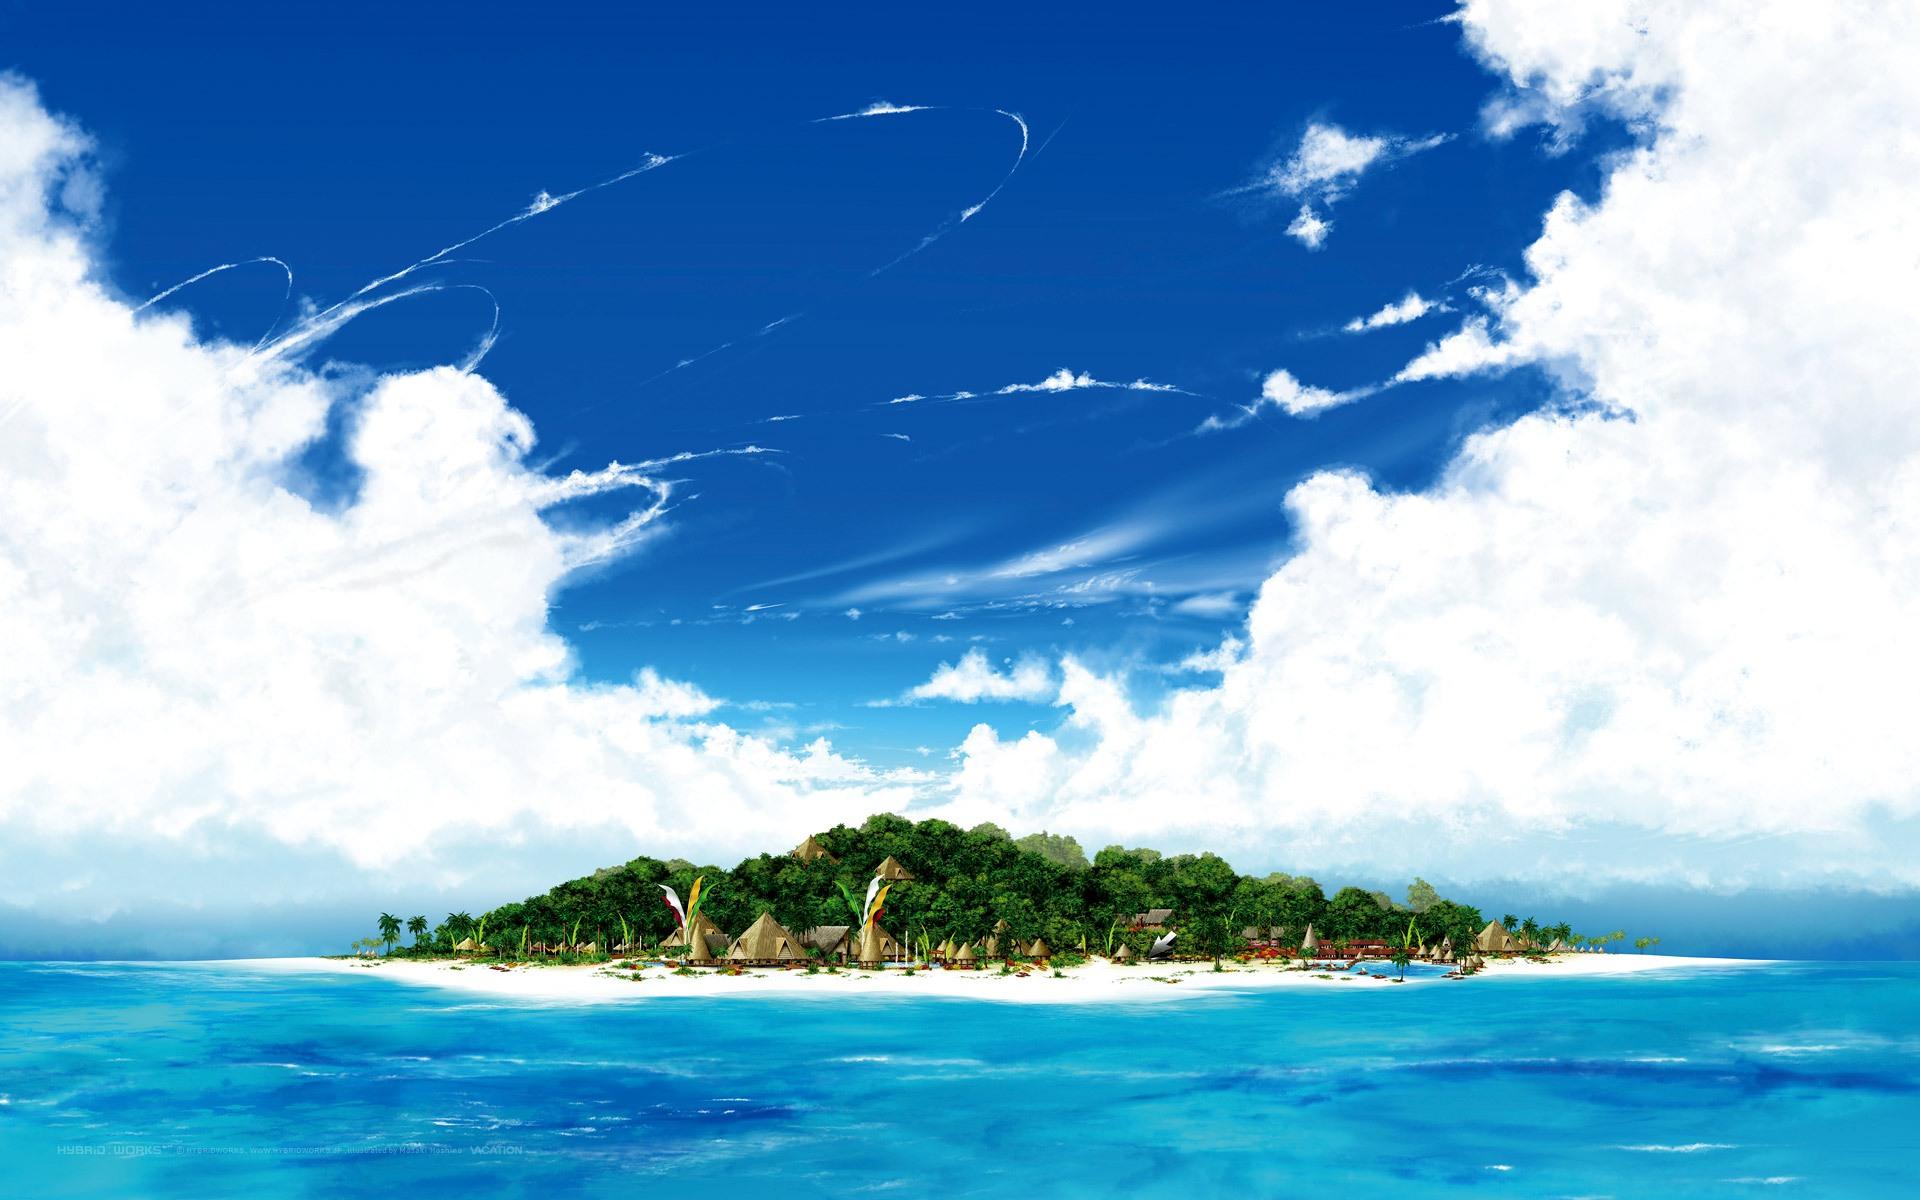 Distant Island desktop wallpaper 1920x1200